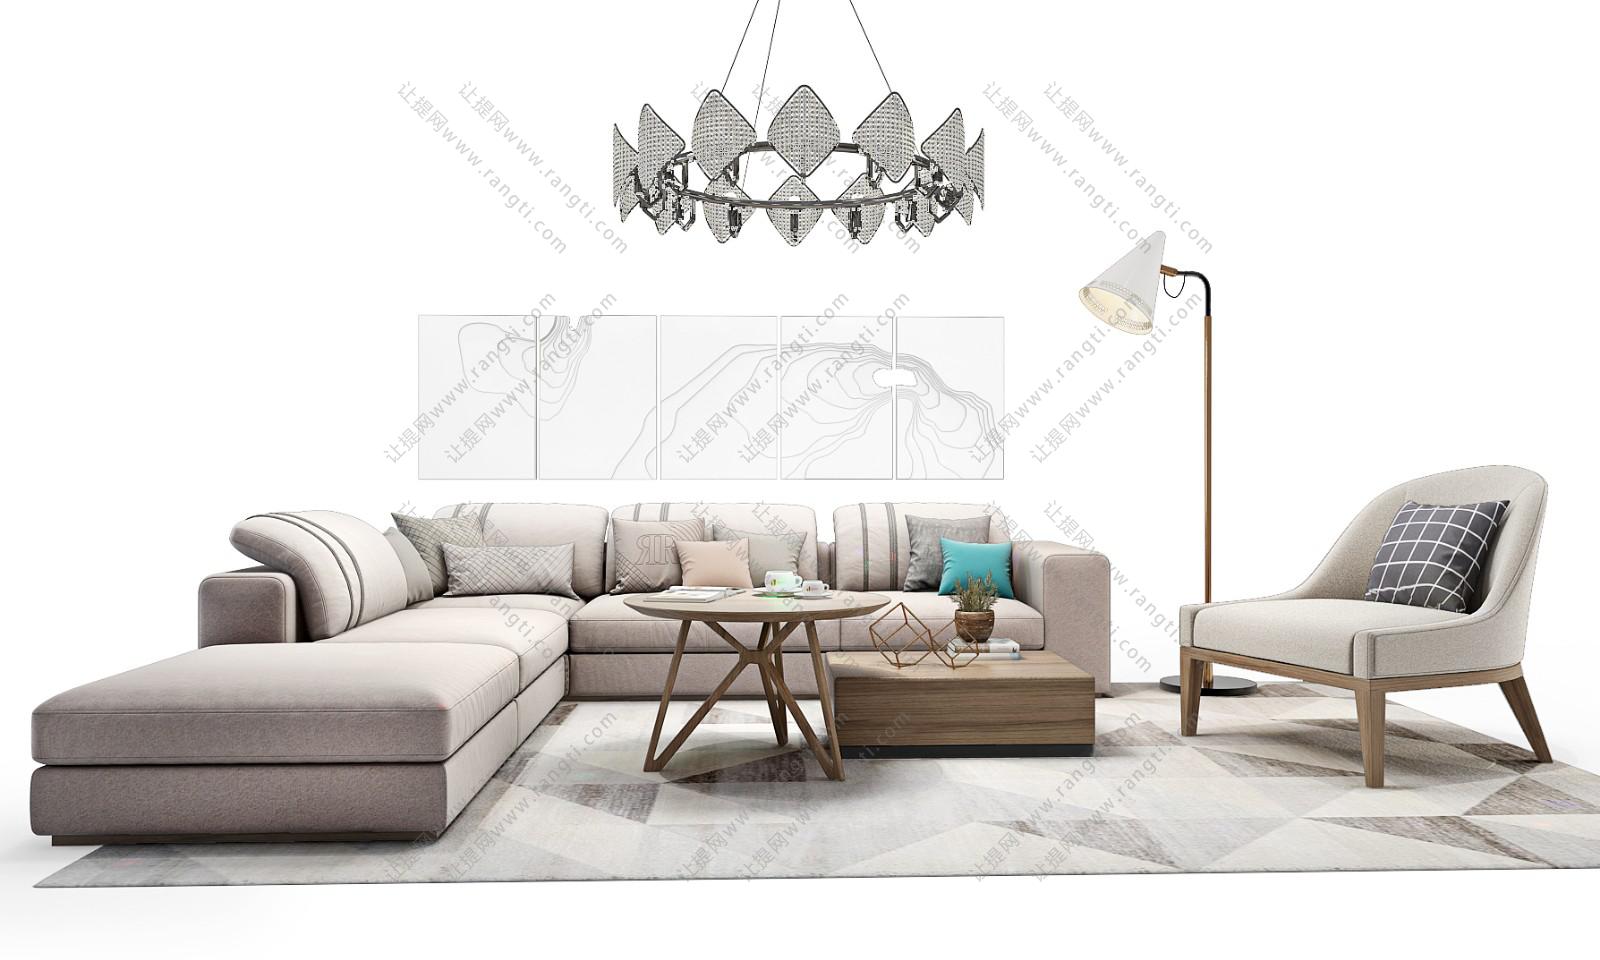 北欧简约沙发、茶几、装饰画和吊灯组合3D模型